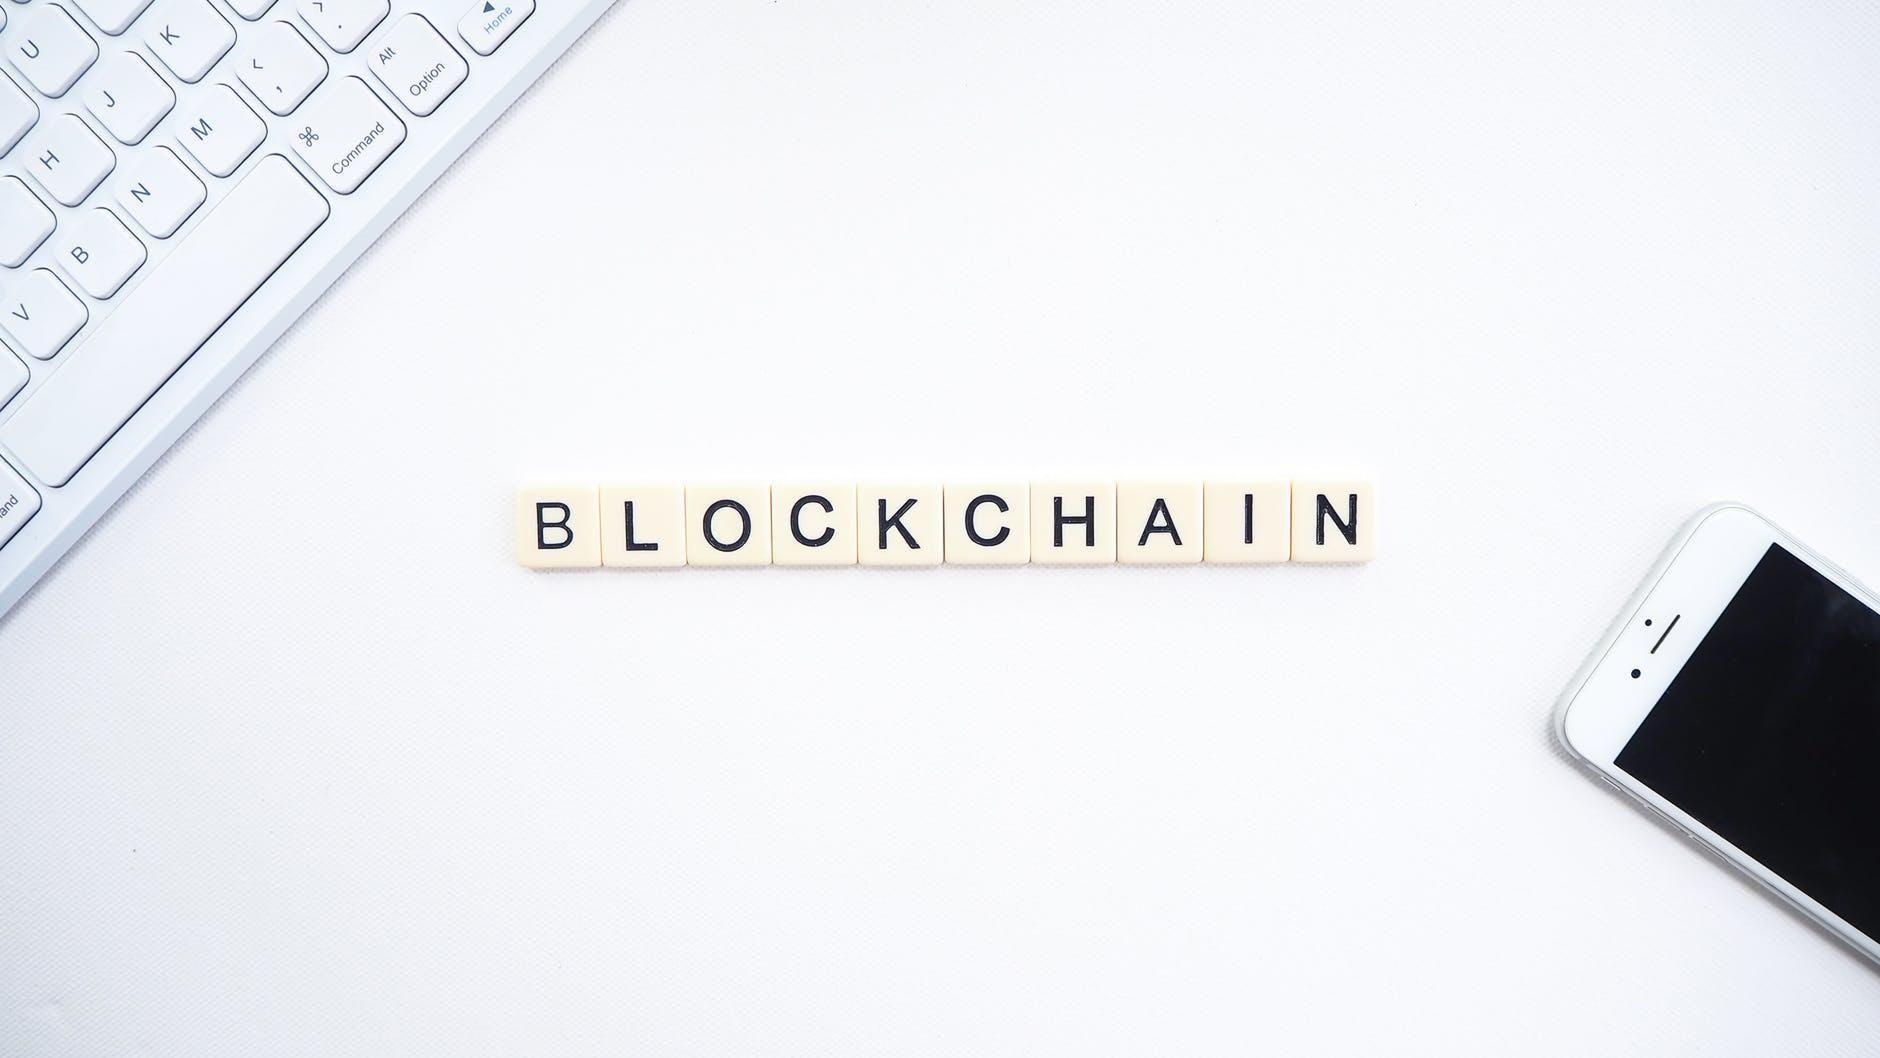 Blockchain : dans quels domaines clés les entreprises françaises doivent-elles renforcer leur connaissance ?